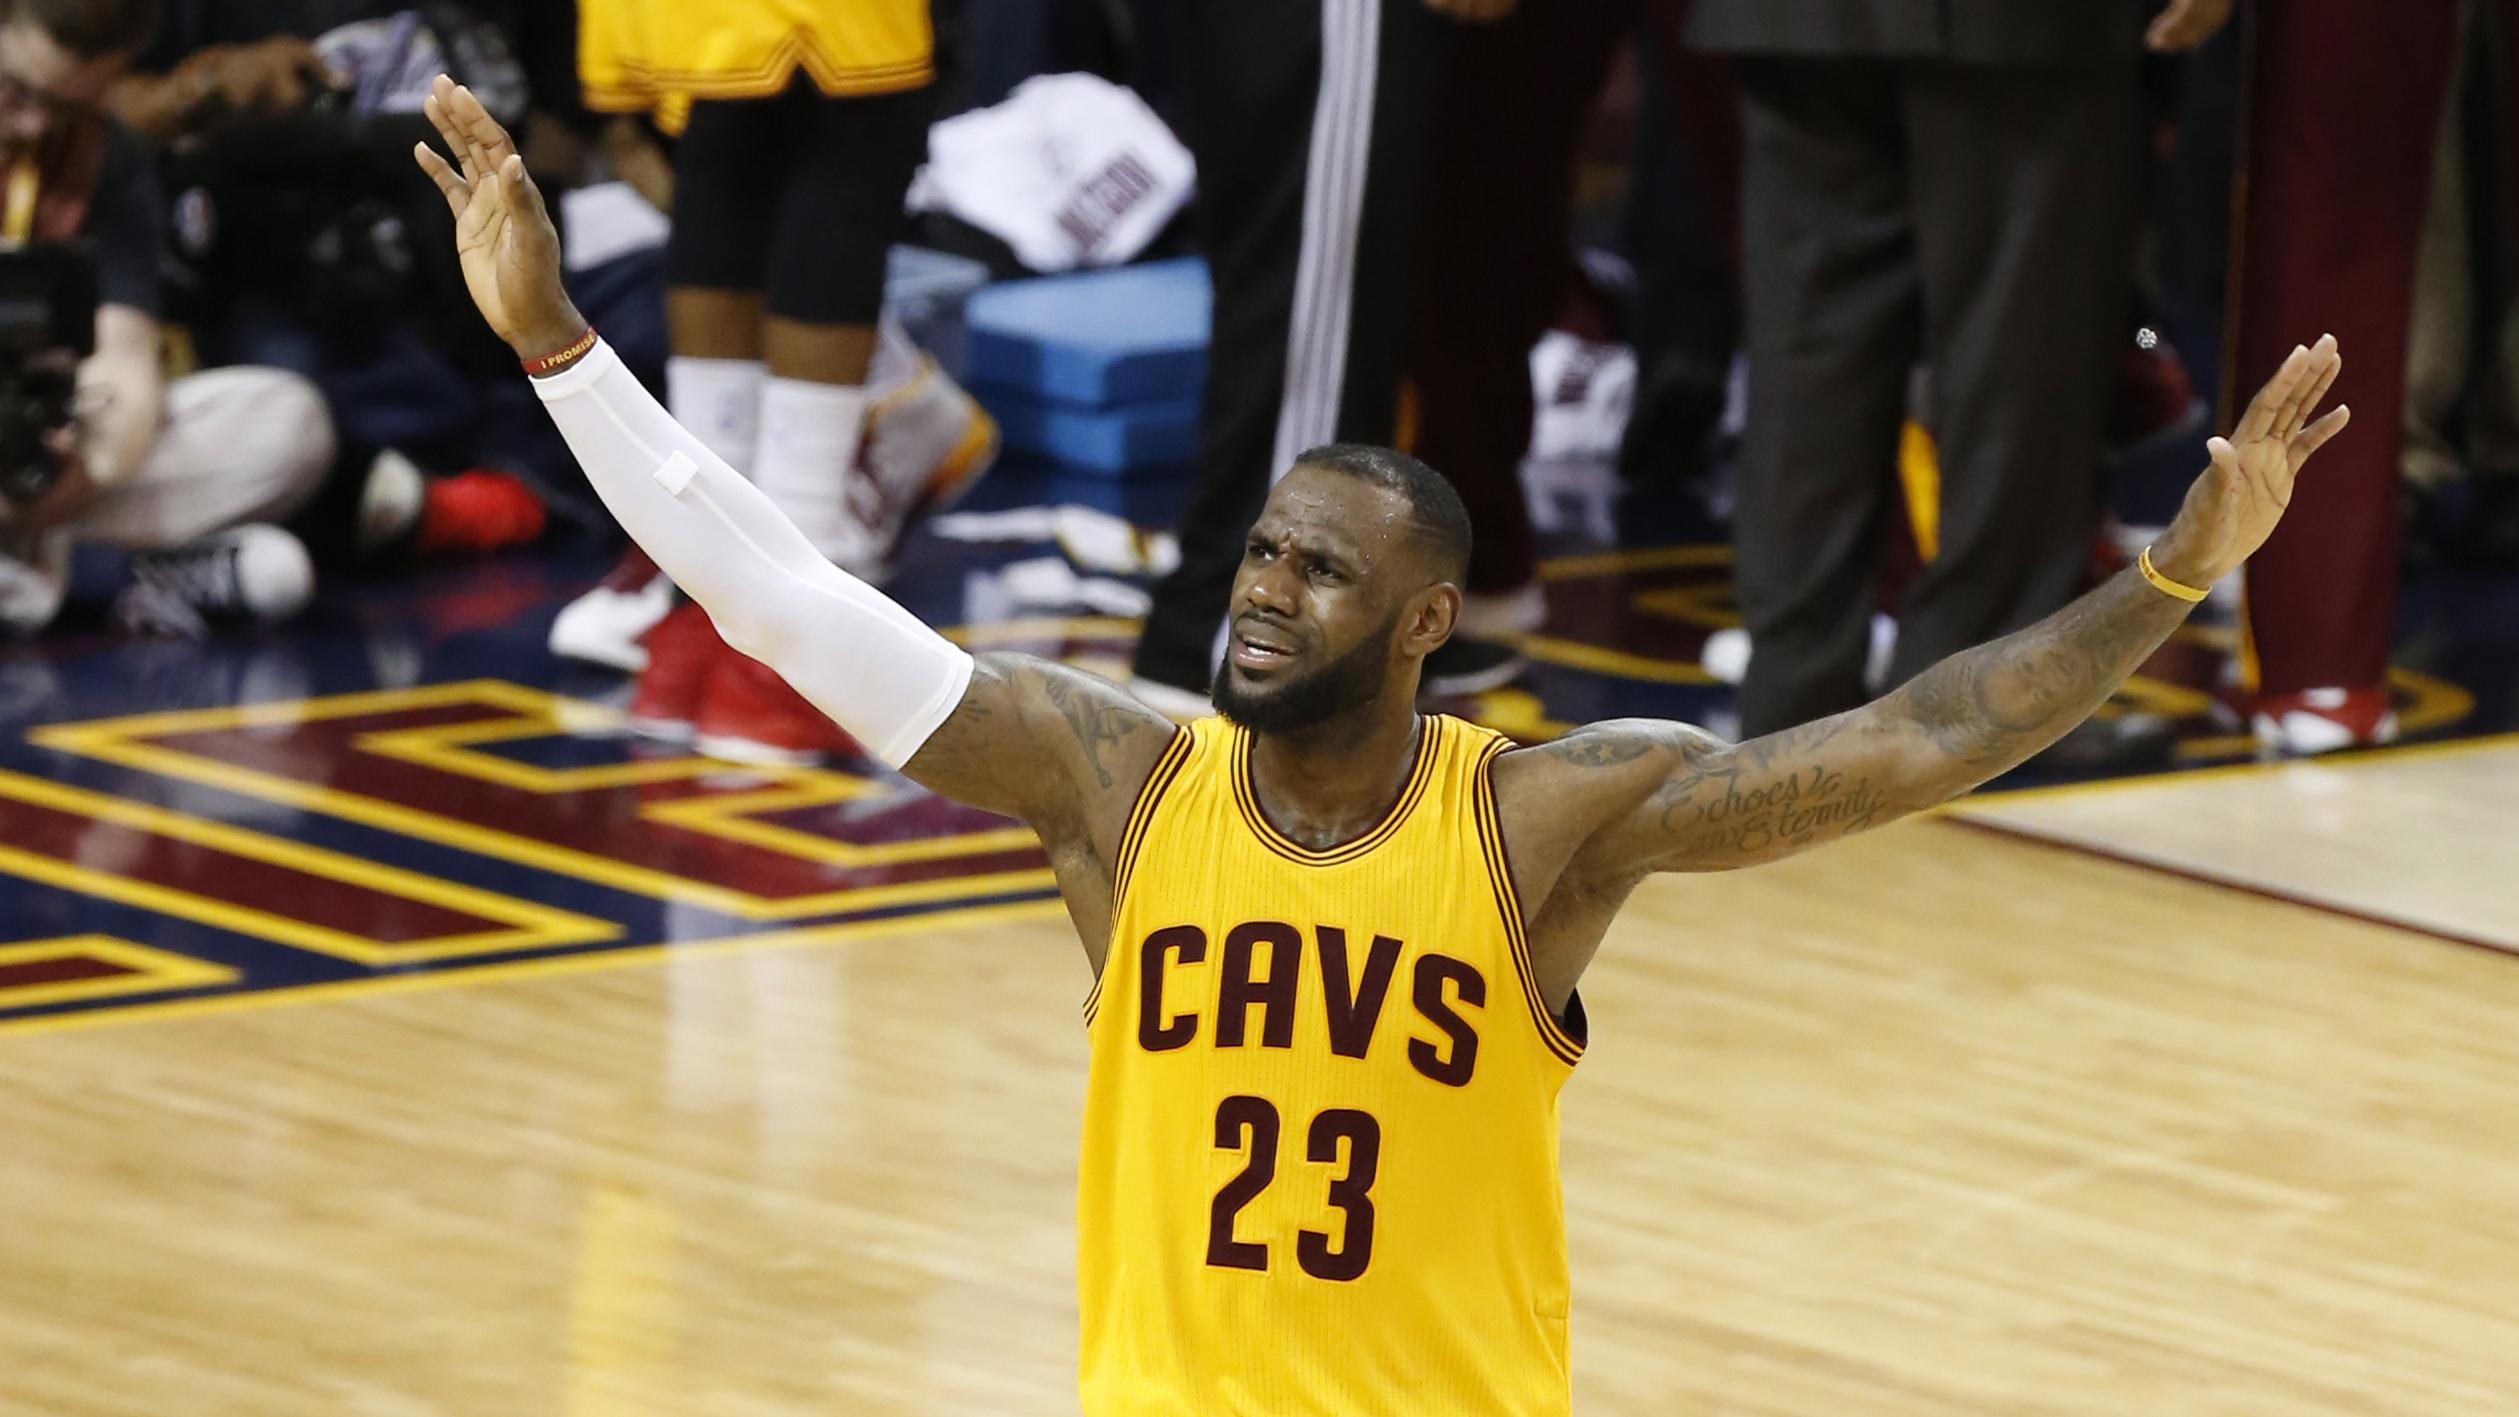 With 2-1 Finals Lead, What's LeBron James' Secret Motivation?